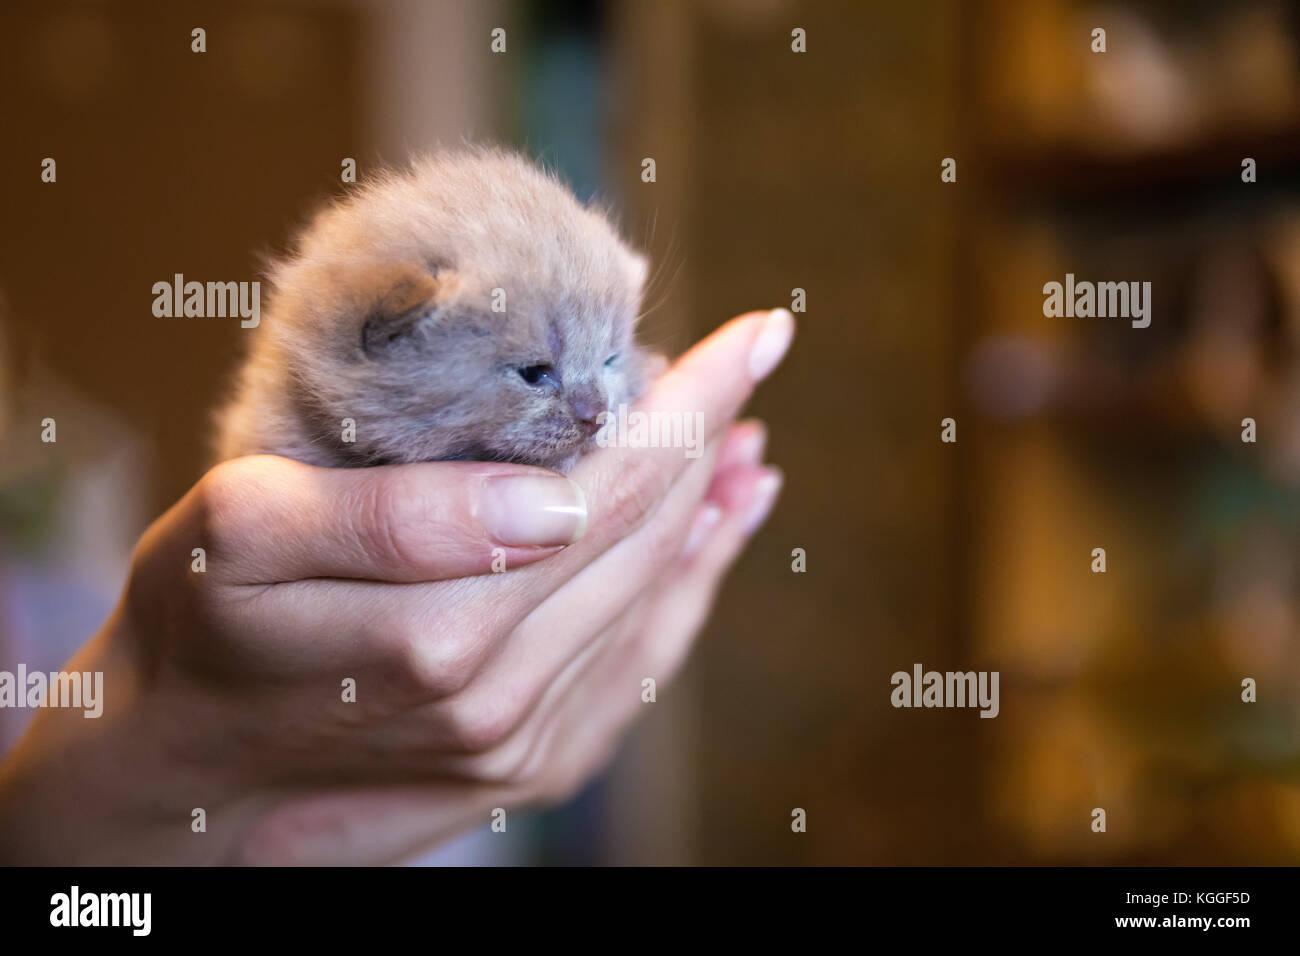 Fawn-coloured British kitten in men's hand, little kitten. New born kitten on woman's palm. - Stock Image